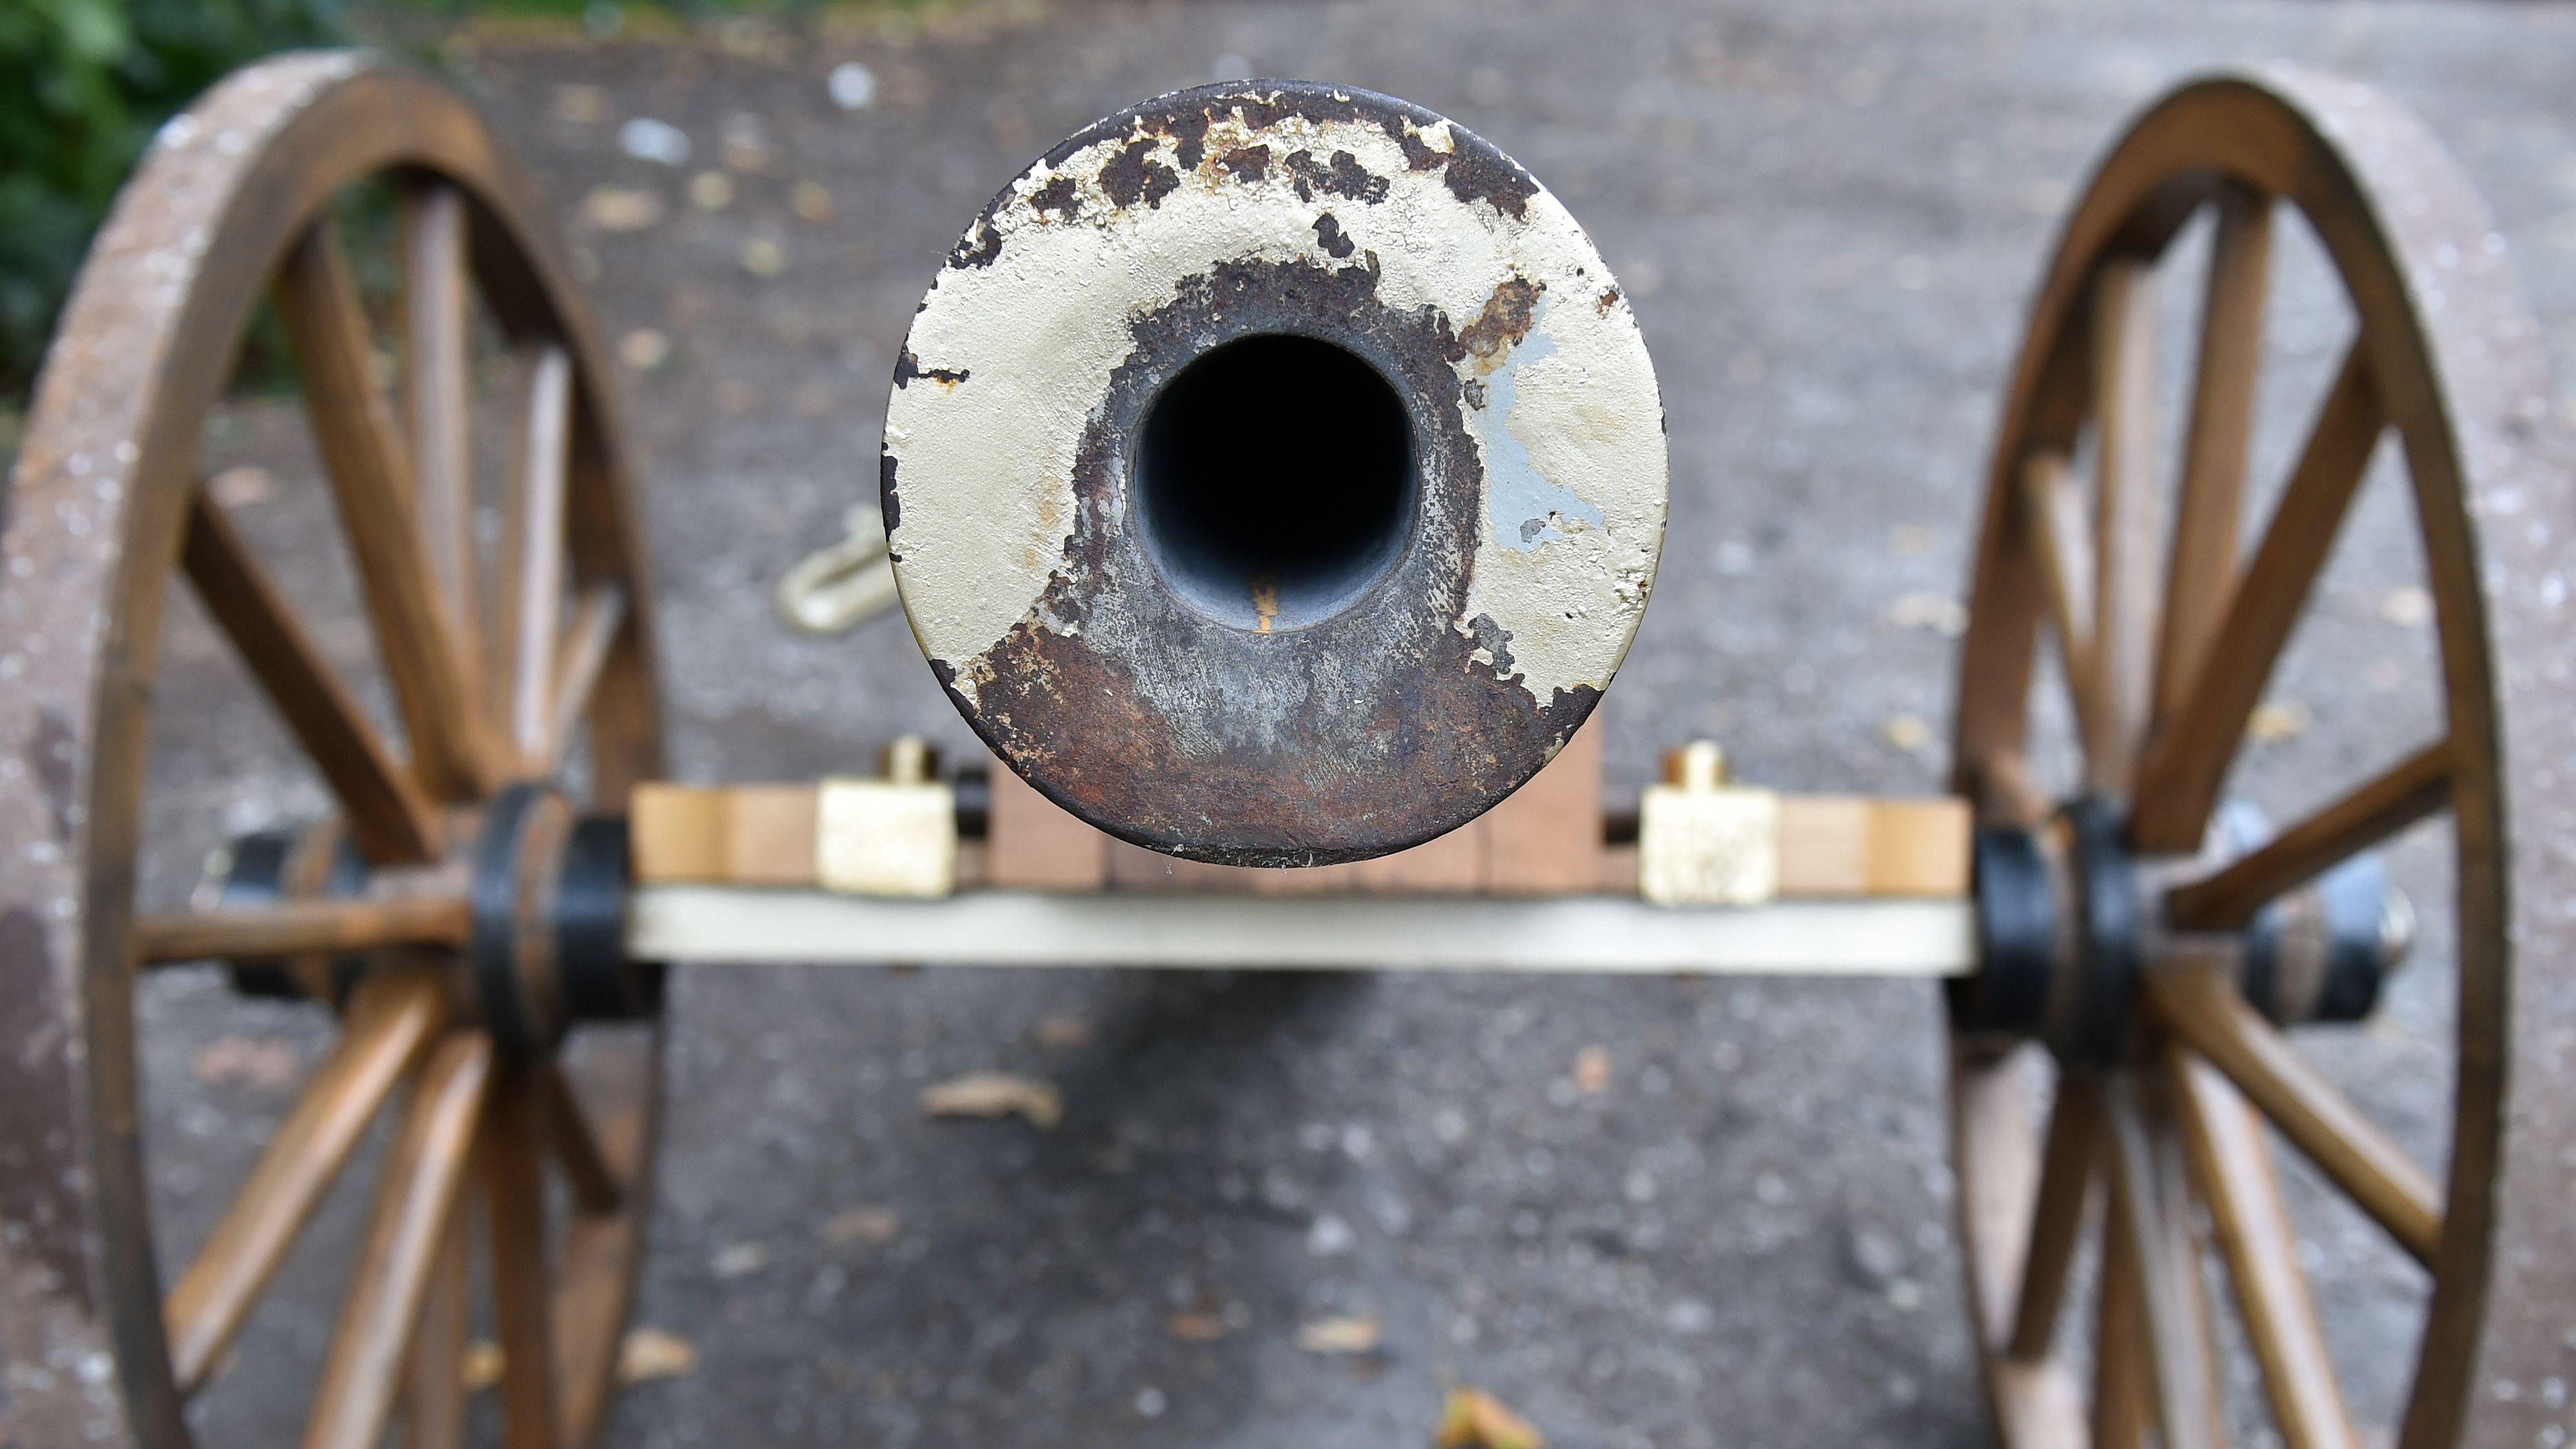 Blick in die Mündung einer Schwarzpulver-Kanone (Symbolbild)